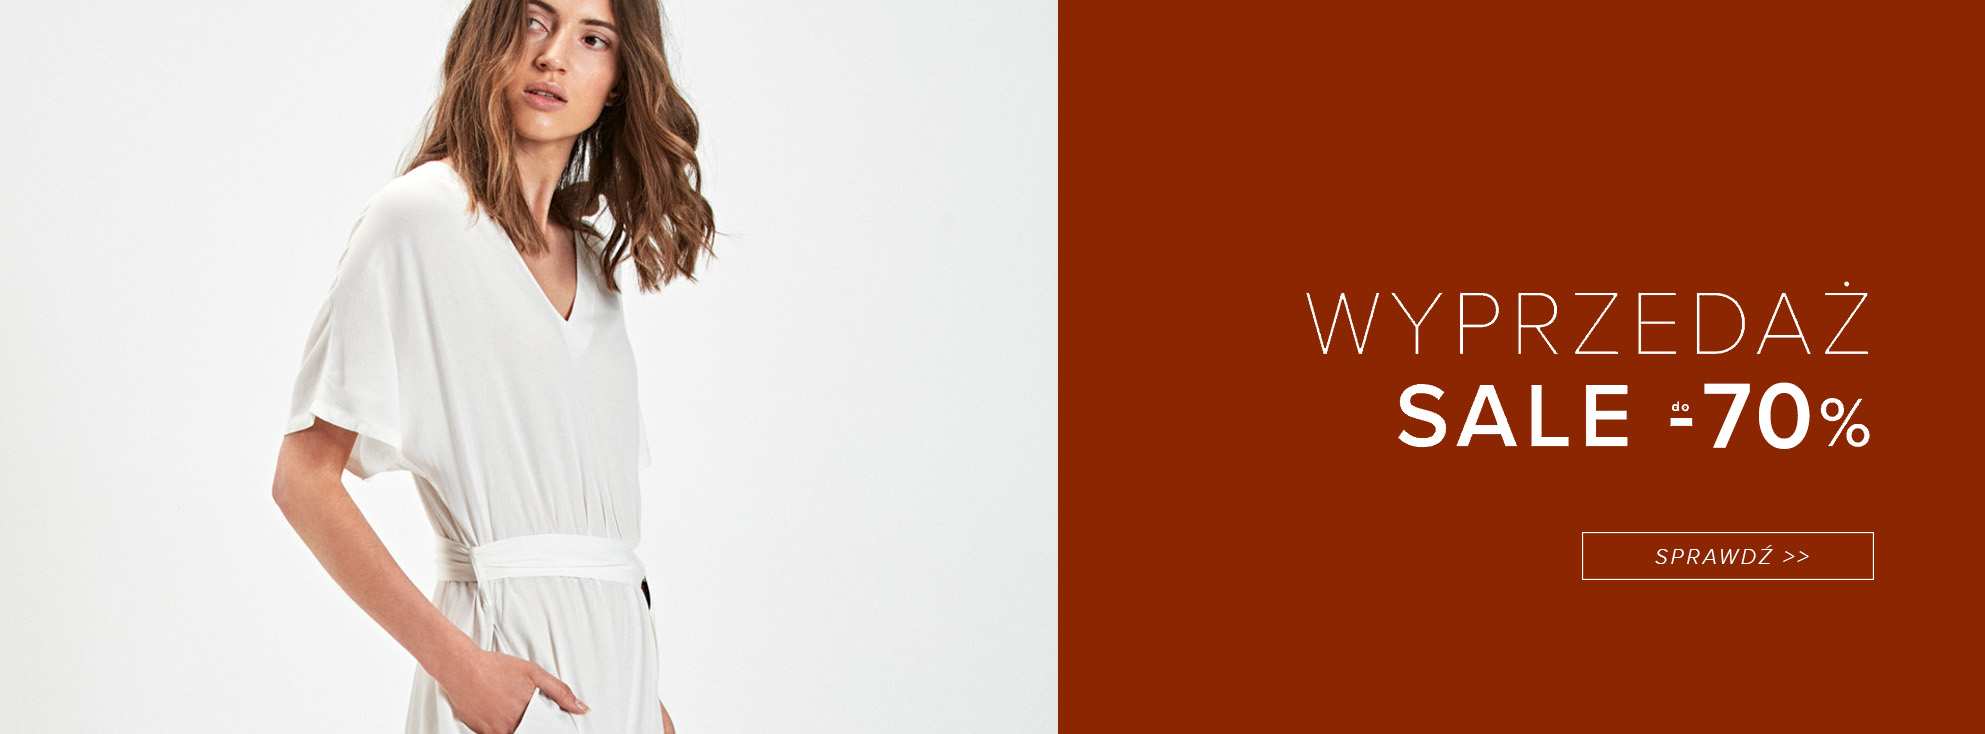 Patrizia Aryton: wyprzedaż do 70% zniżki na odzież damską